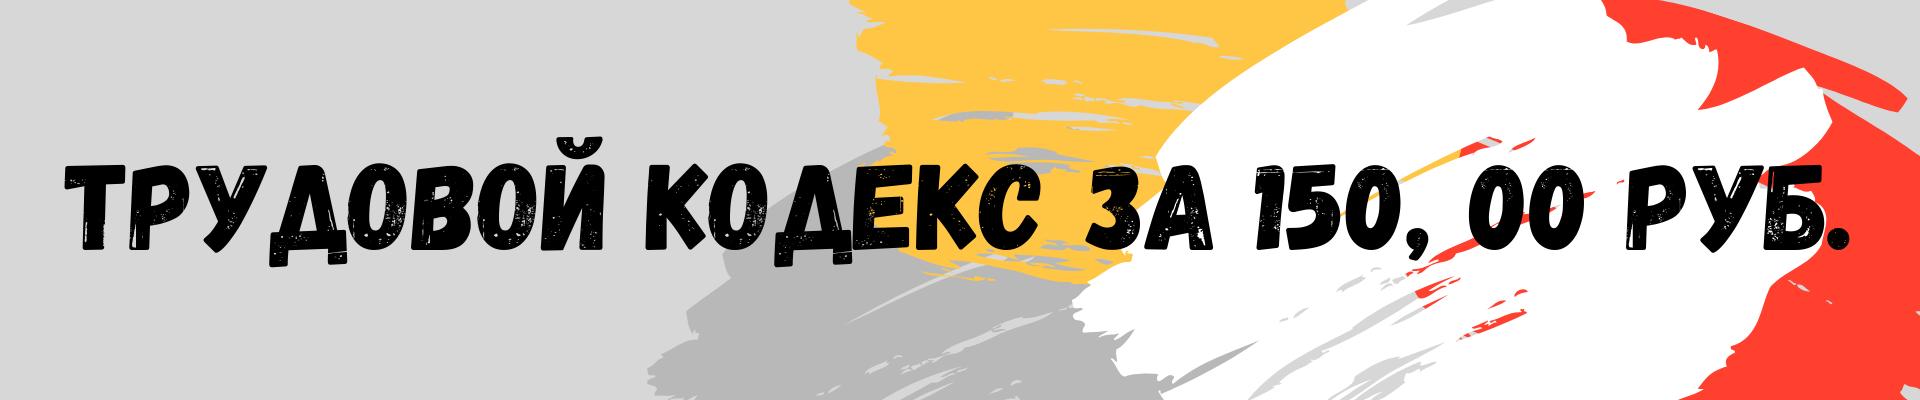 Трудовой кодекс за 150, 00 руб.